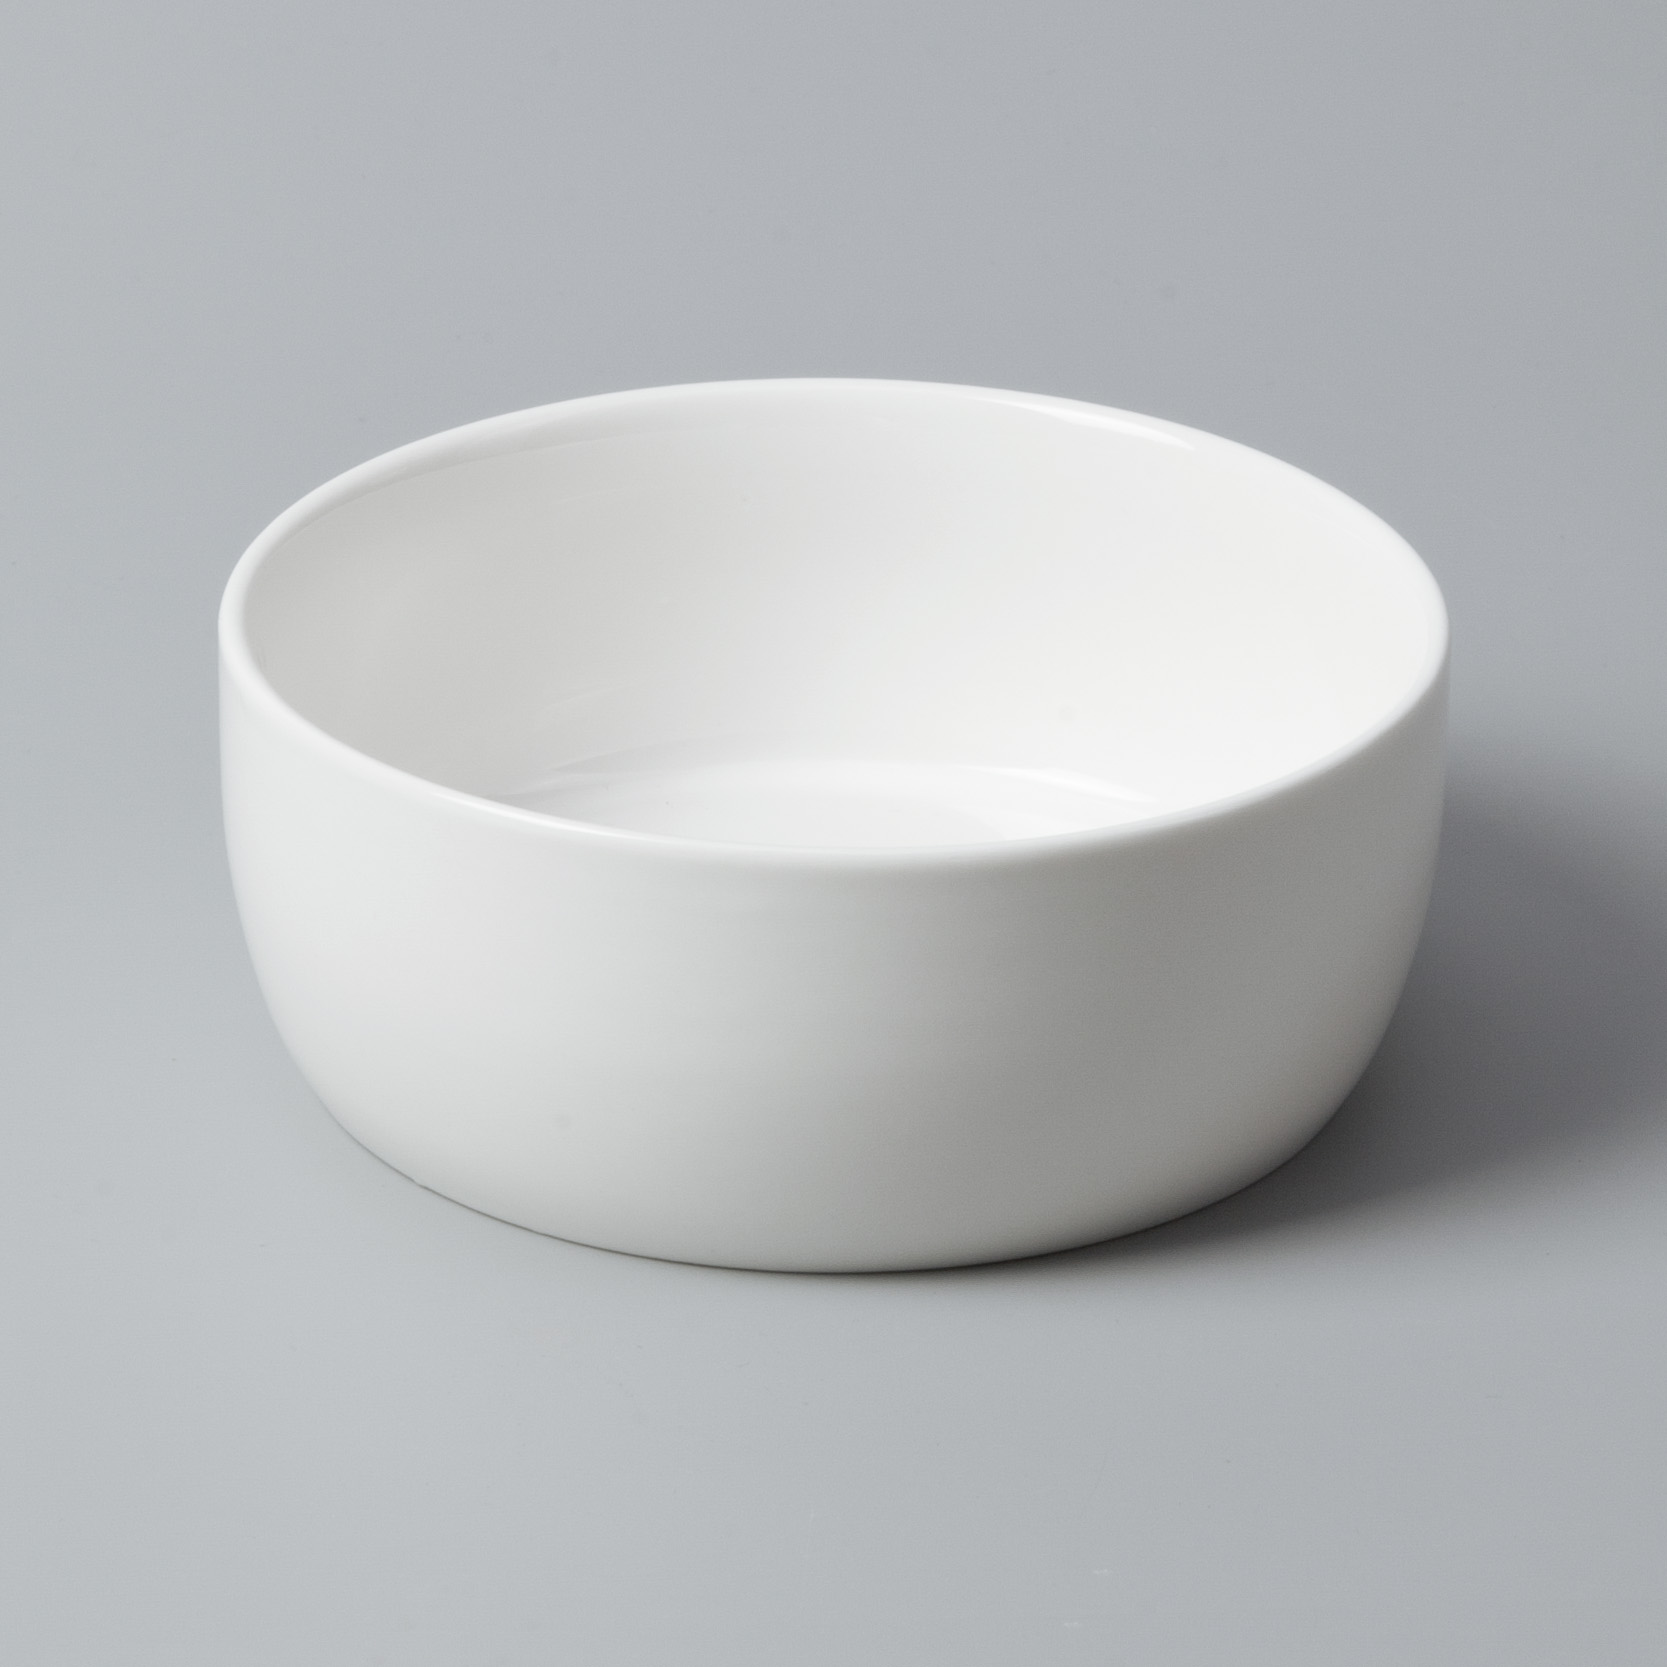 Two Eight bulk cheap porcelain dinner plates from China for dinner-3